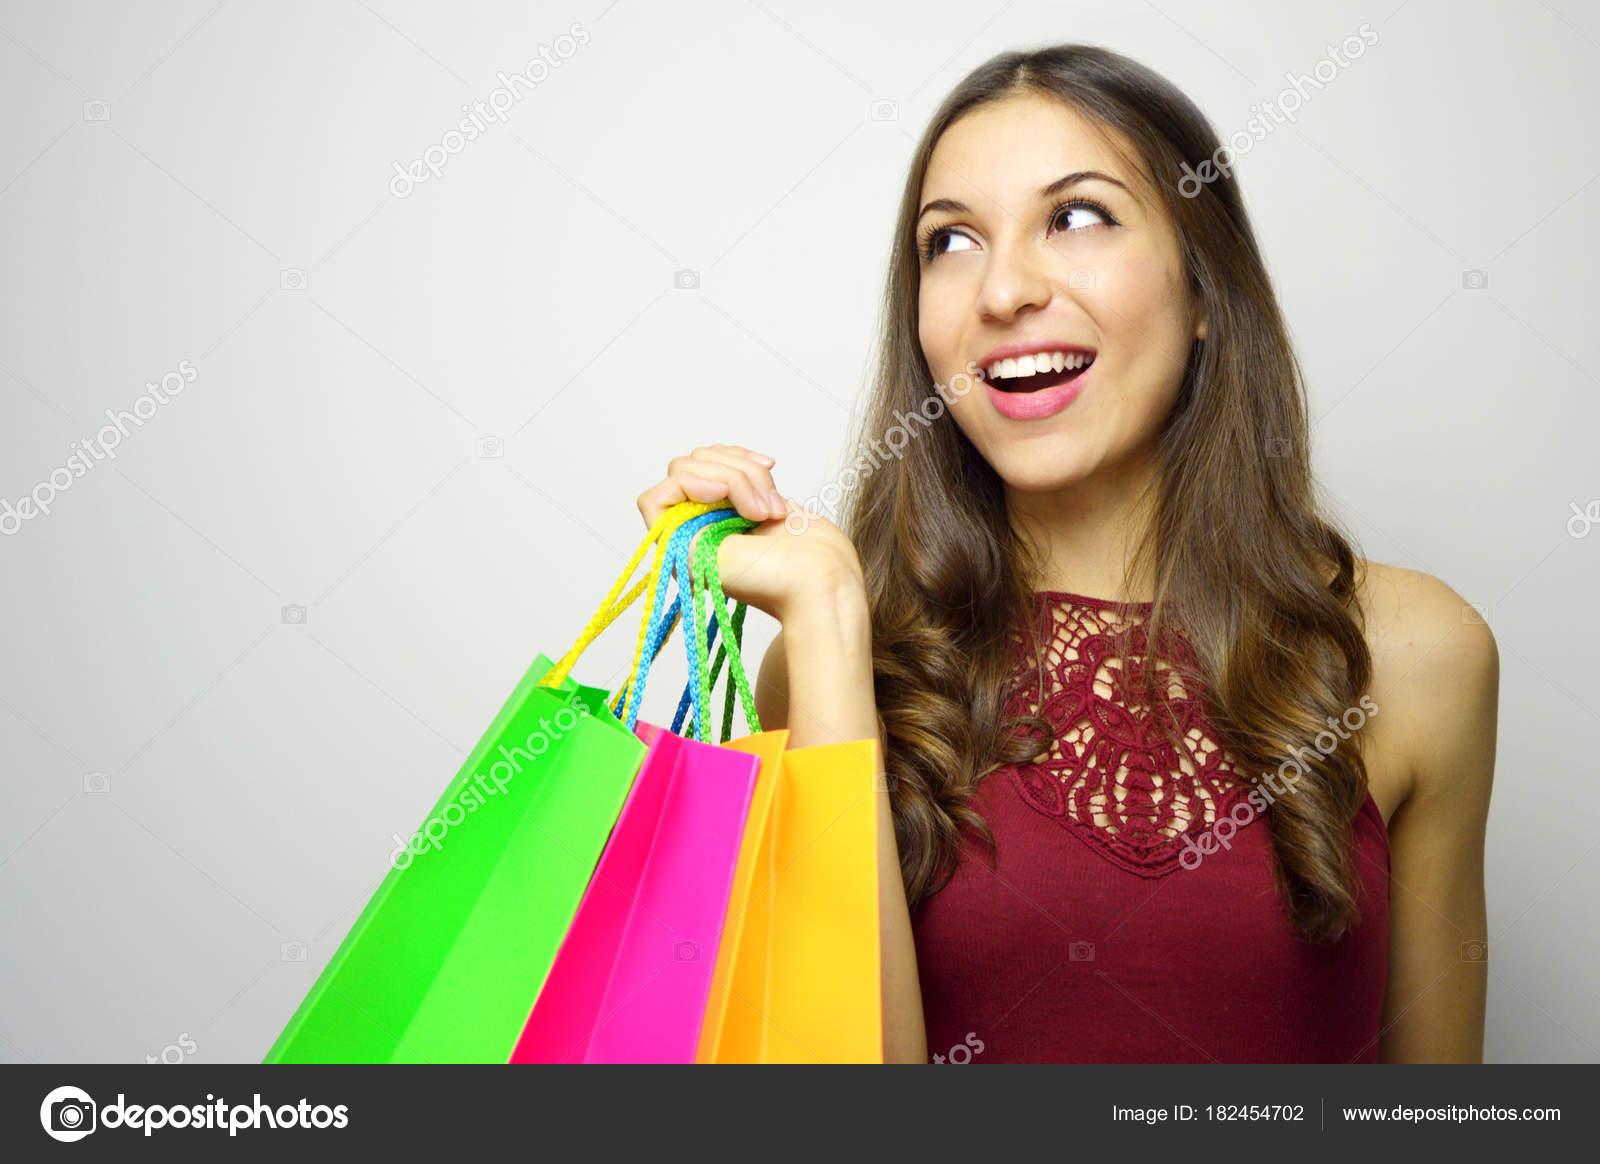 39f5e8c4b770 Mulher Segurando Sacolas Compras Olhando Para Lado Fundo Cinza Espaço —  Fotografia de Stock